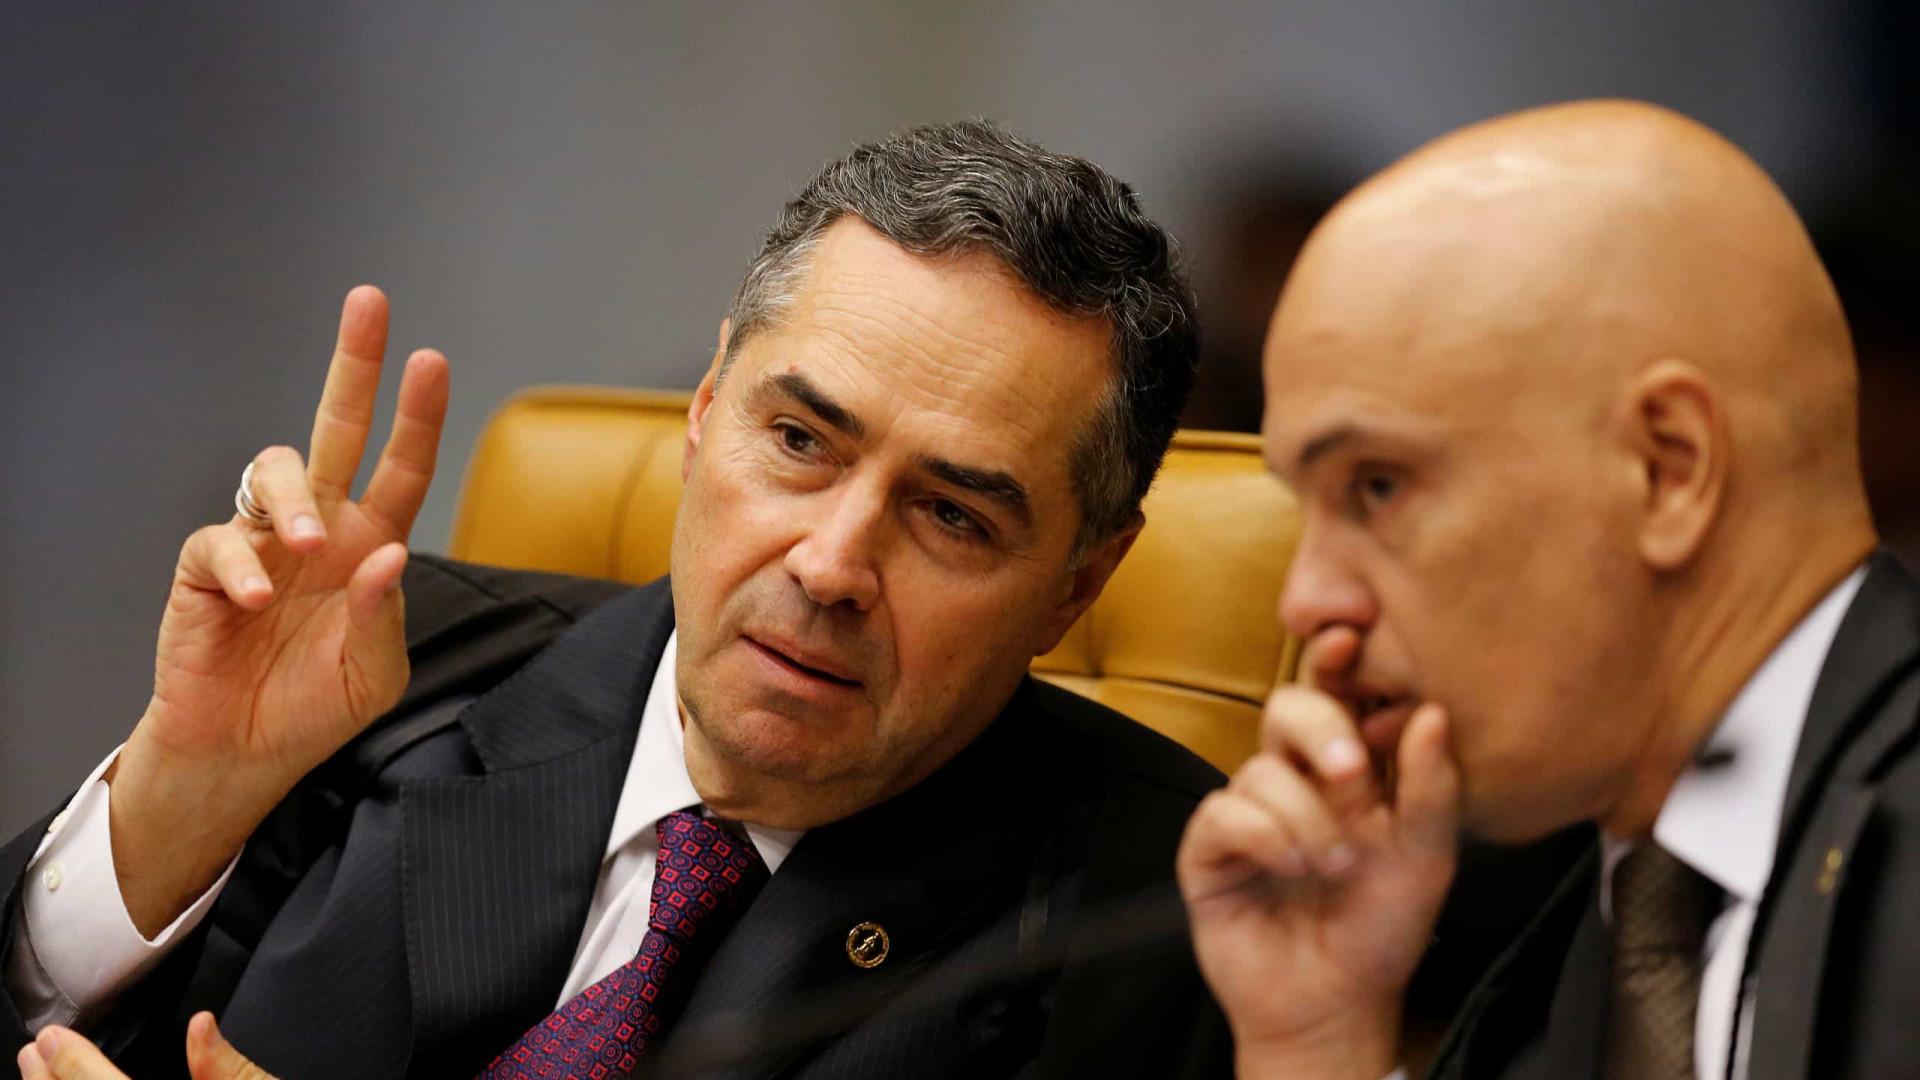 'Respeite os colegas!', diz Toffoli a Barroso em sessão tensa